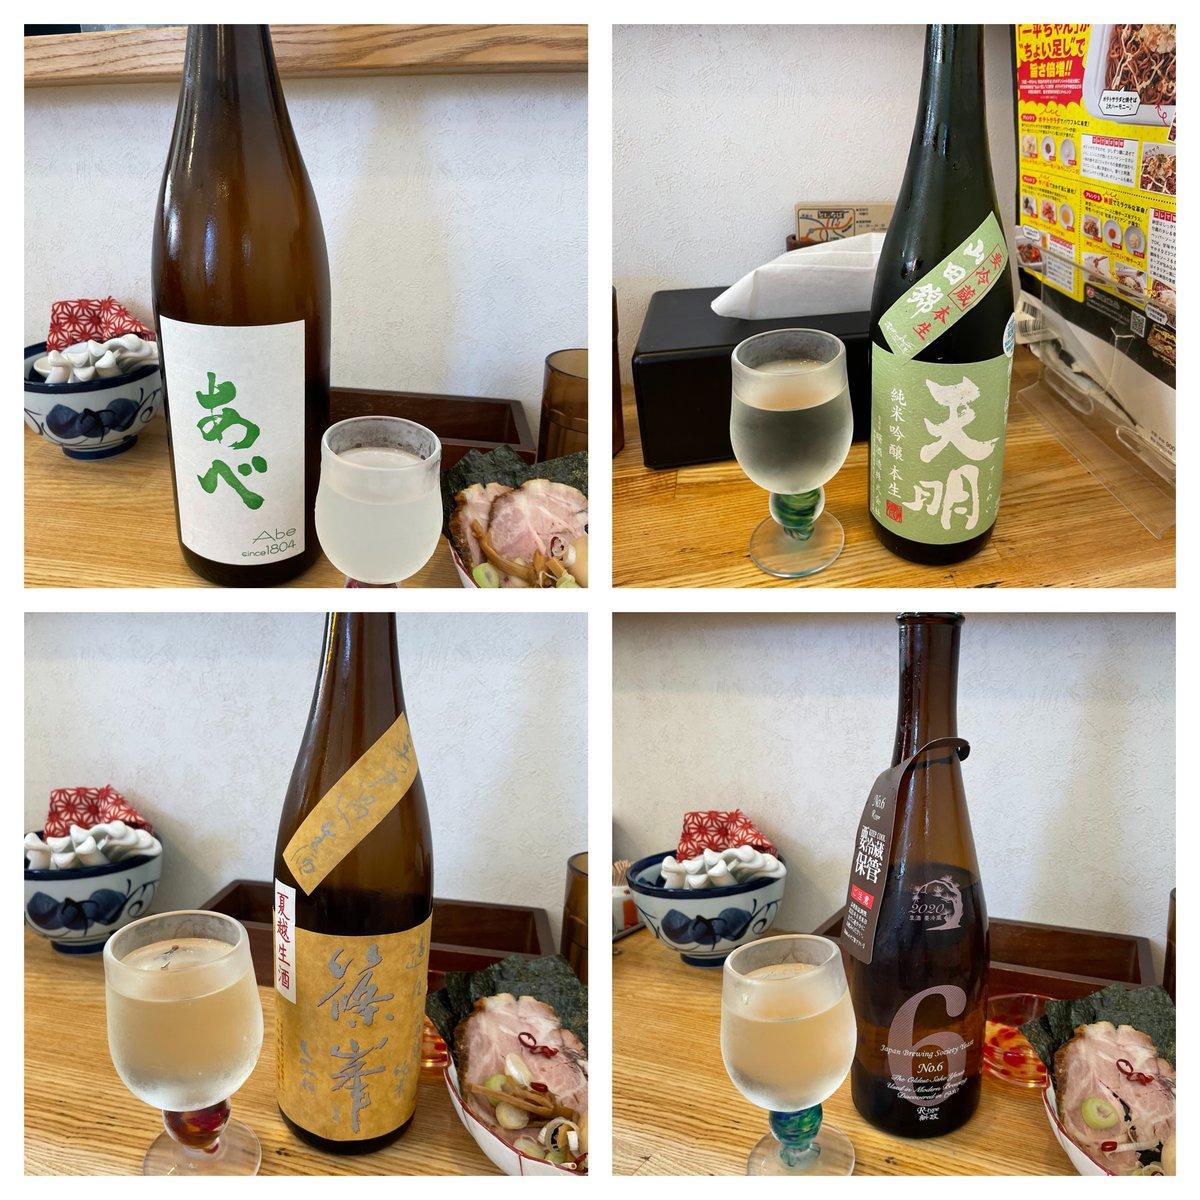 test ツイッターメディア - 中華そば専門とんちぼ@巾着田  特製中華そば、日本酒5杯  秋晴れをおさんぼ🐾 まだまだ秋の日本酒まつり😆 而今大好き💕  お酒の後なので8割が何らかのつけそばなので中華そばは久しぶり 若干弱気にも感じたが完飲派には嬉しい濃度♪  今日も癒されました😇 https://t.co/D2q4ZJSBVP